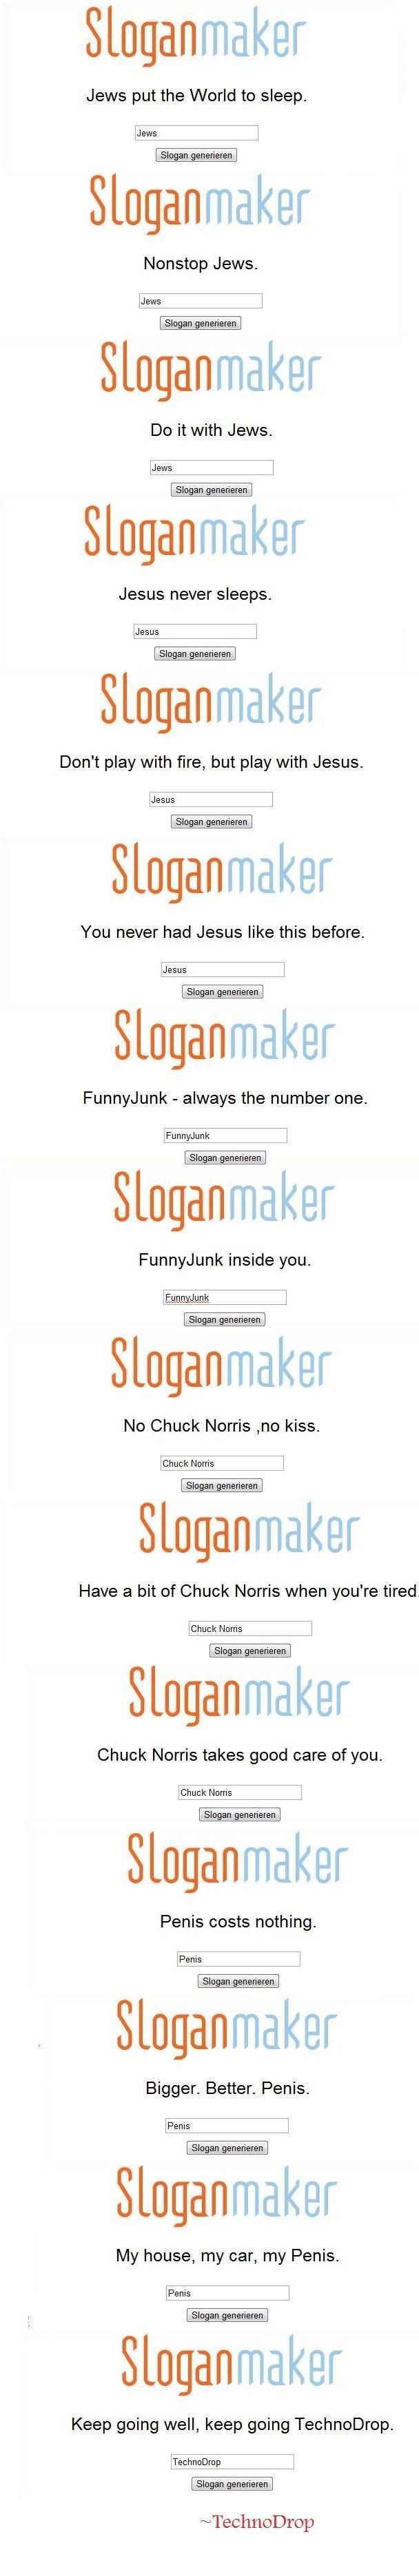 Slogan Maker Comp. make your own: sloganmaker.com/.. epic!